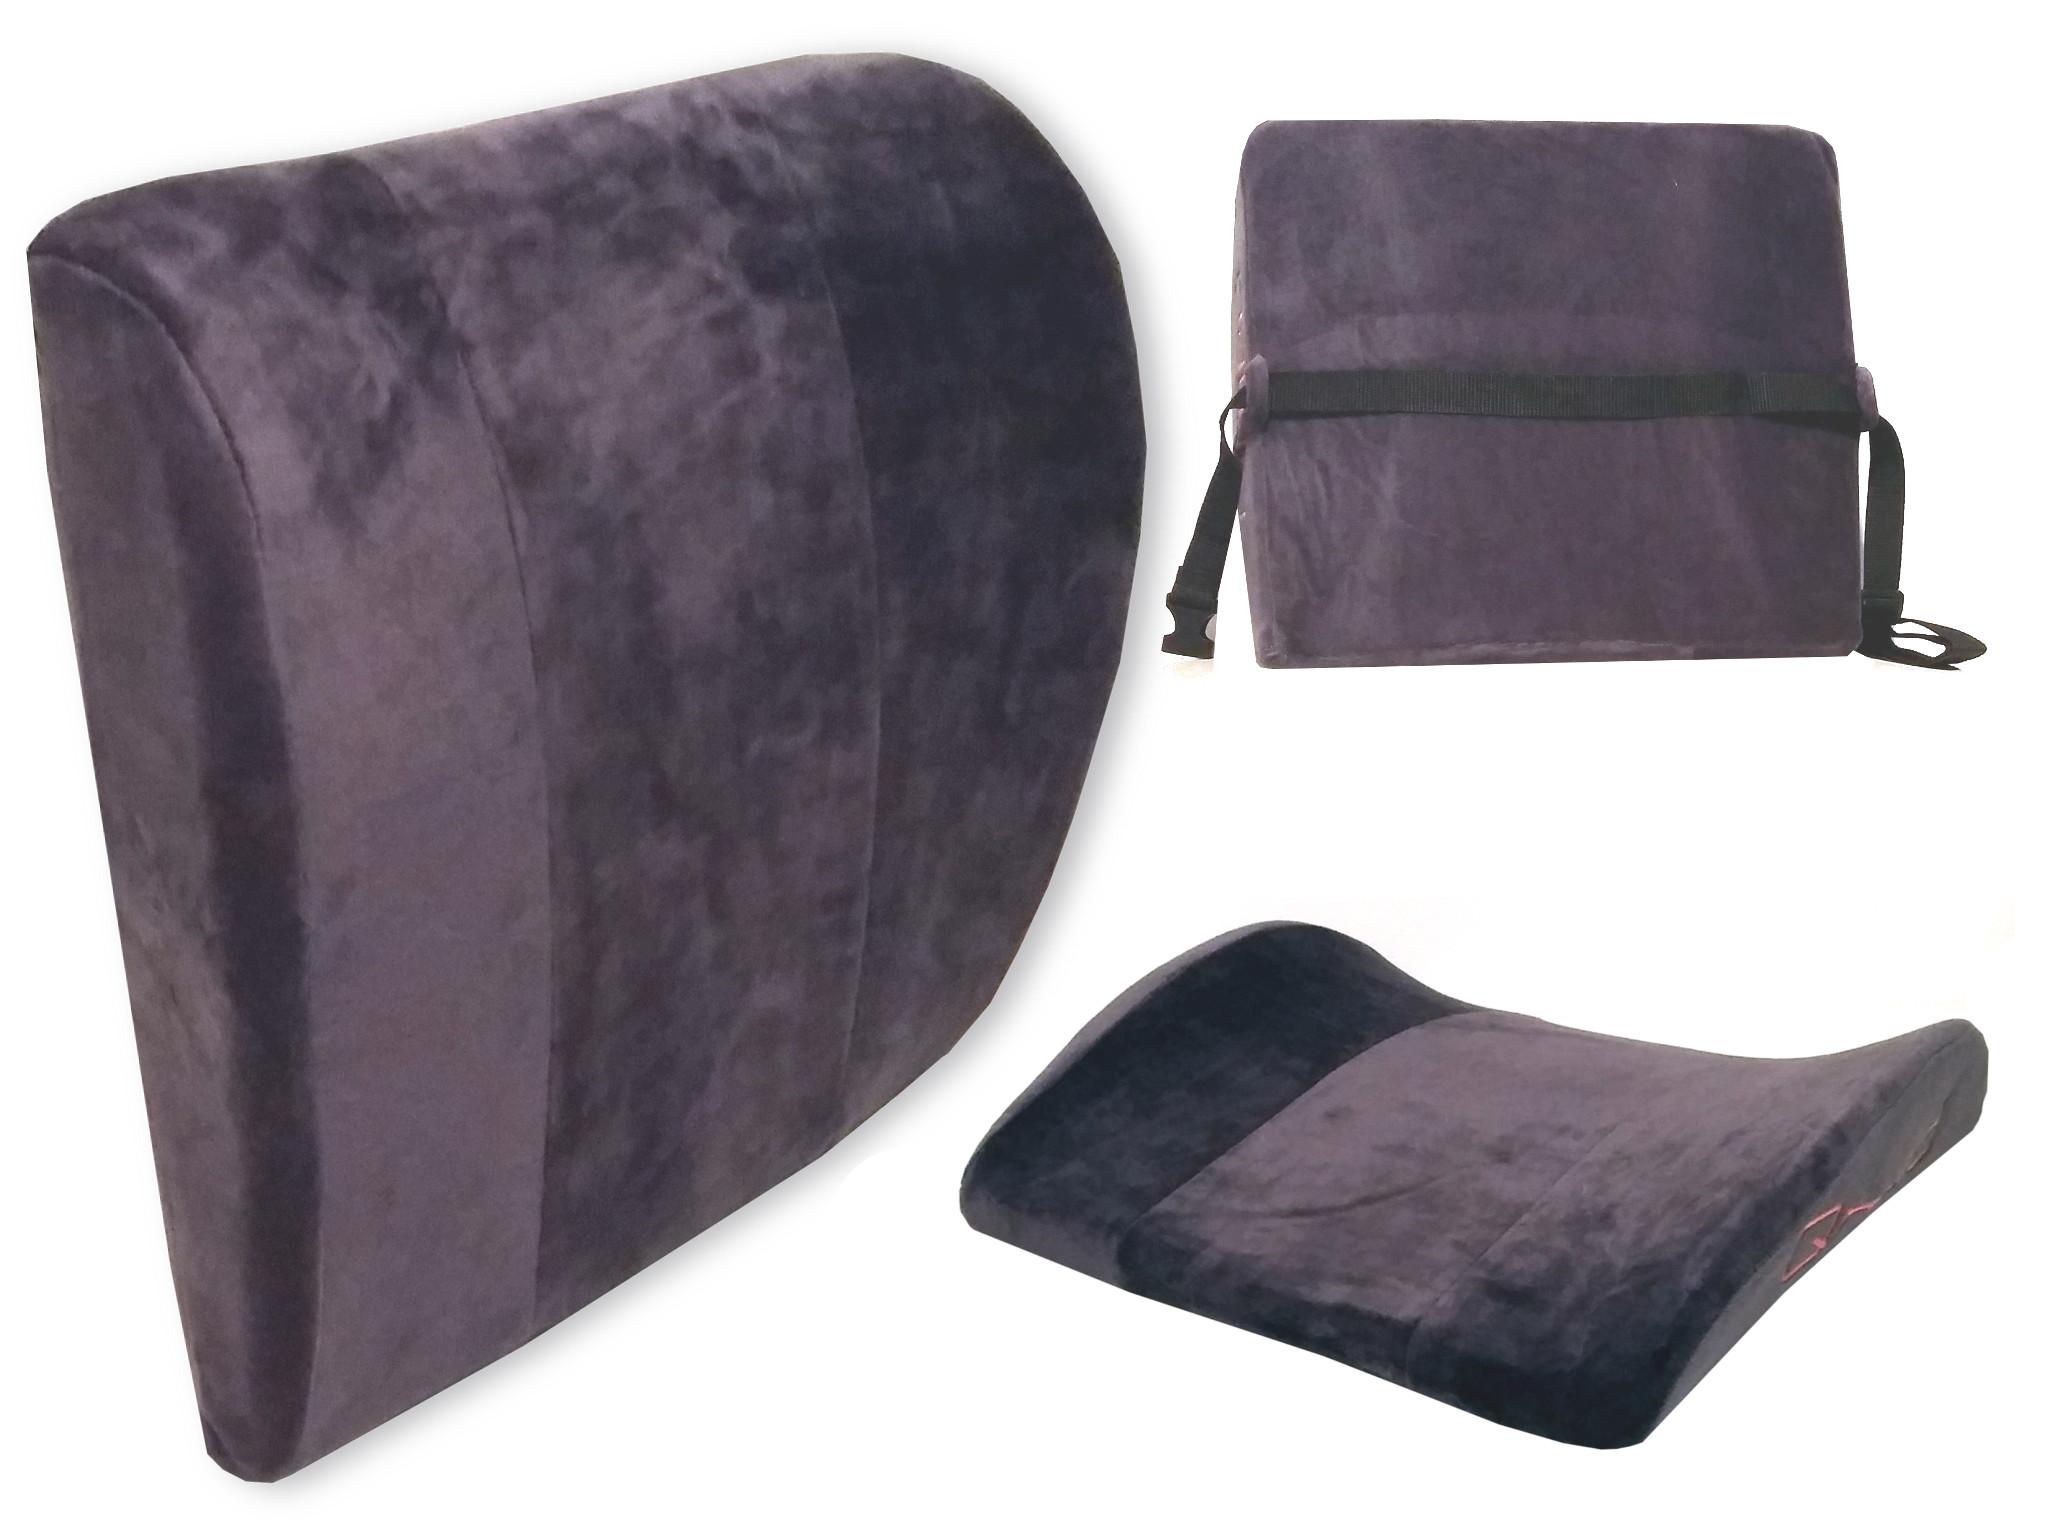 Poduszka Lędźwiowa Ortopedyczna Do Samochodu Fotel